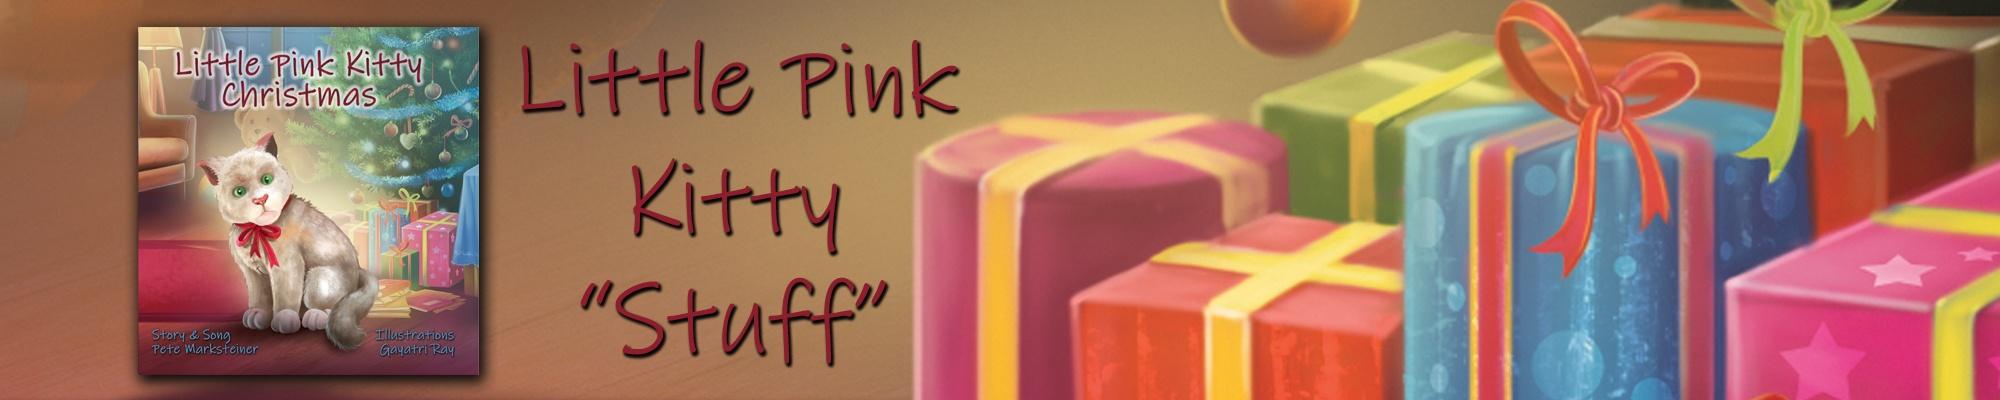 LittlePinkKittyChristmas Cover